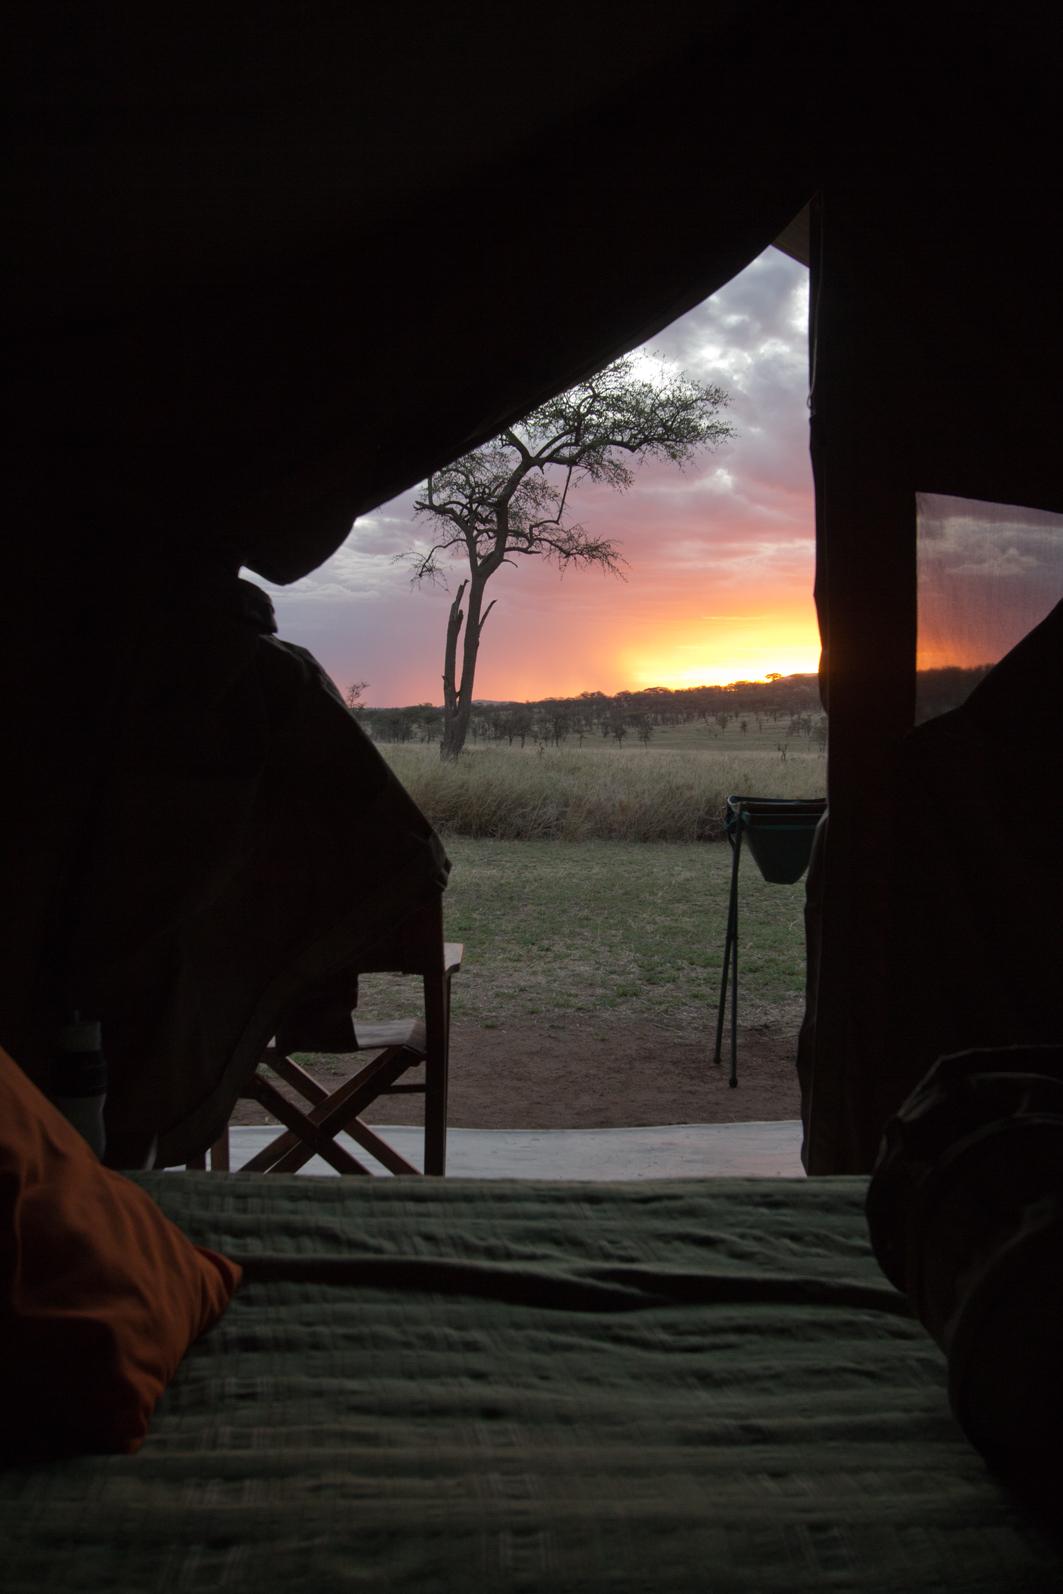 Serengeti Sunset, Bush Camp